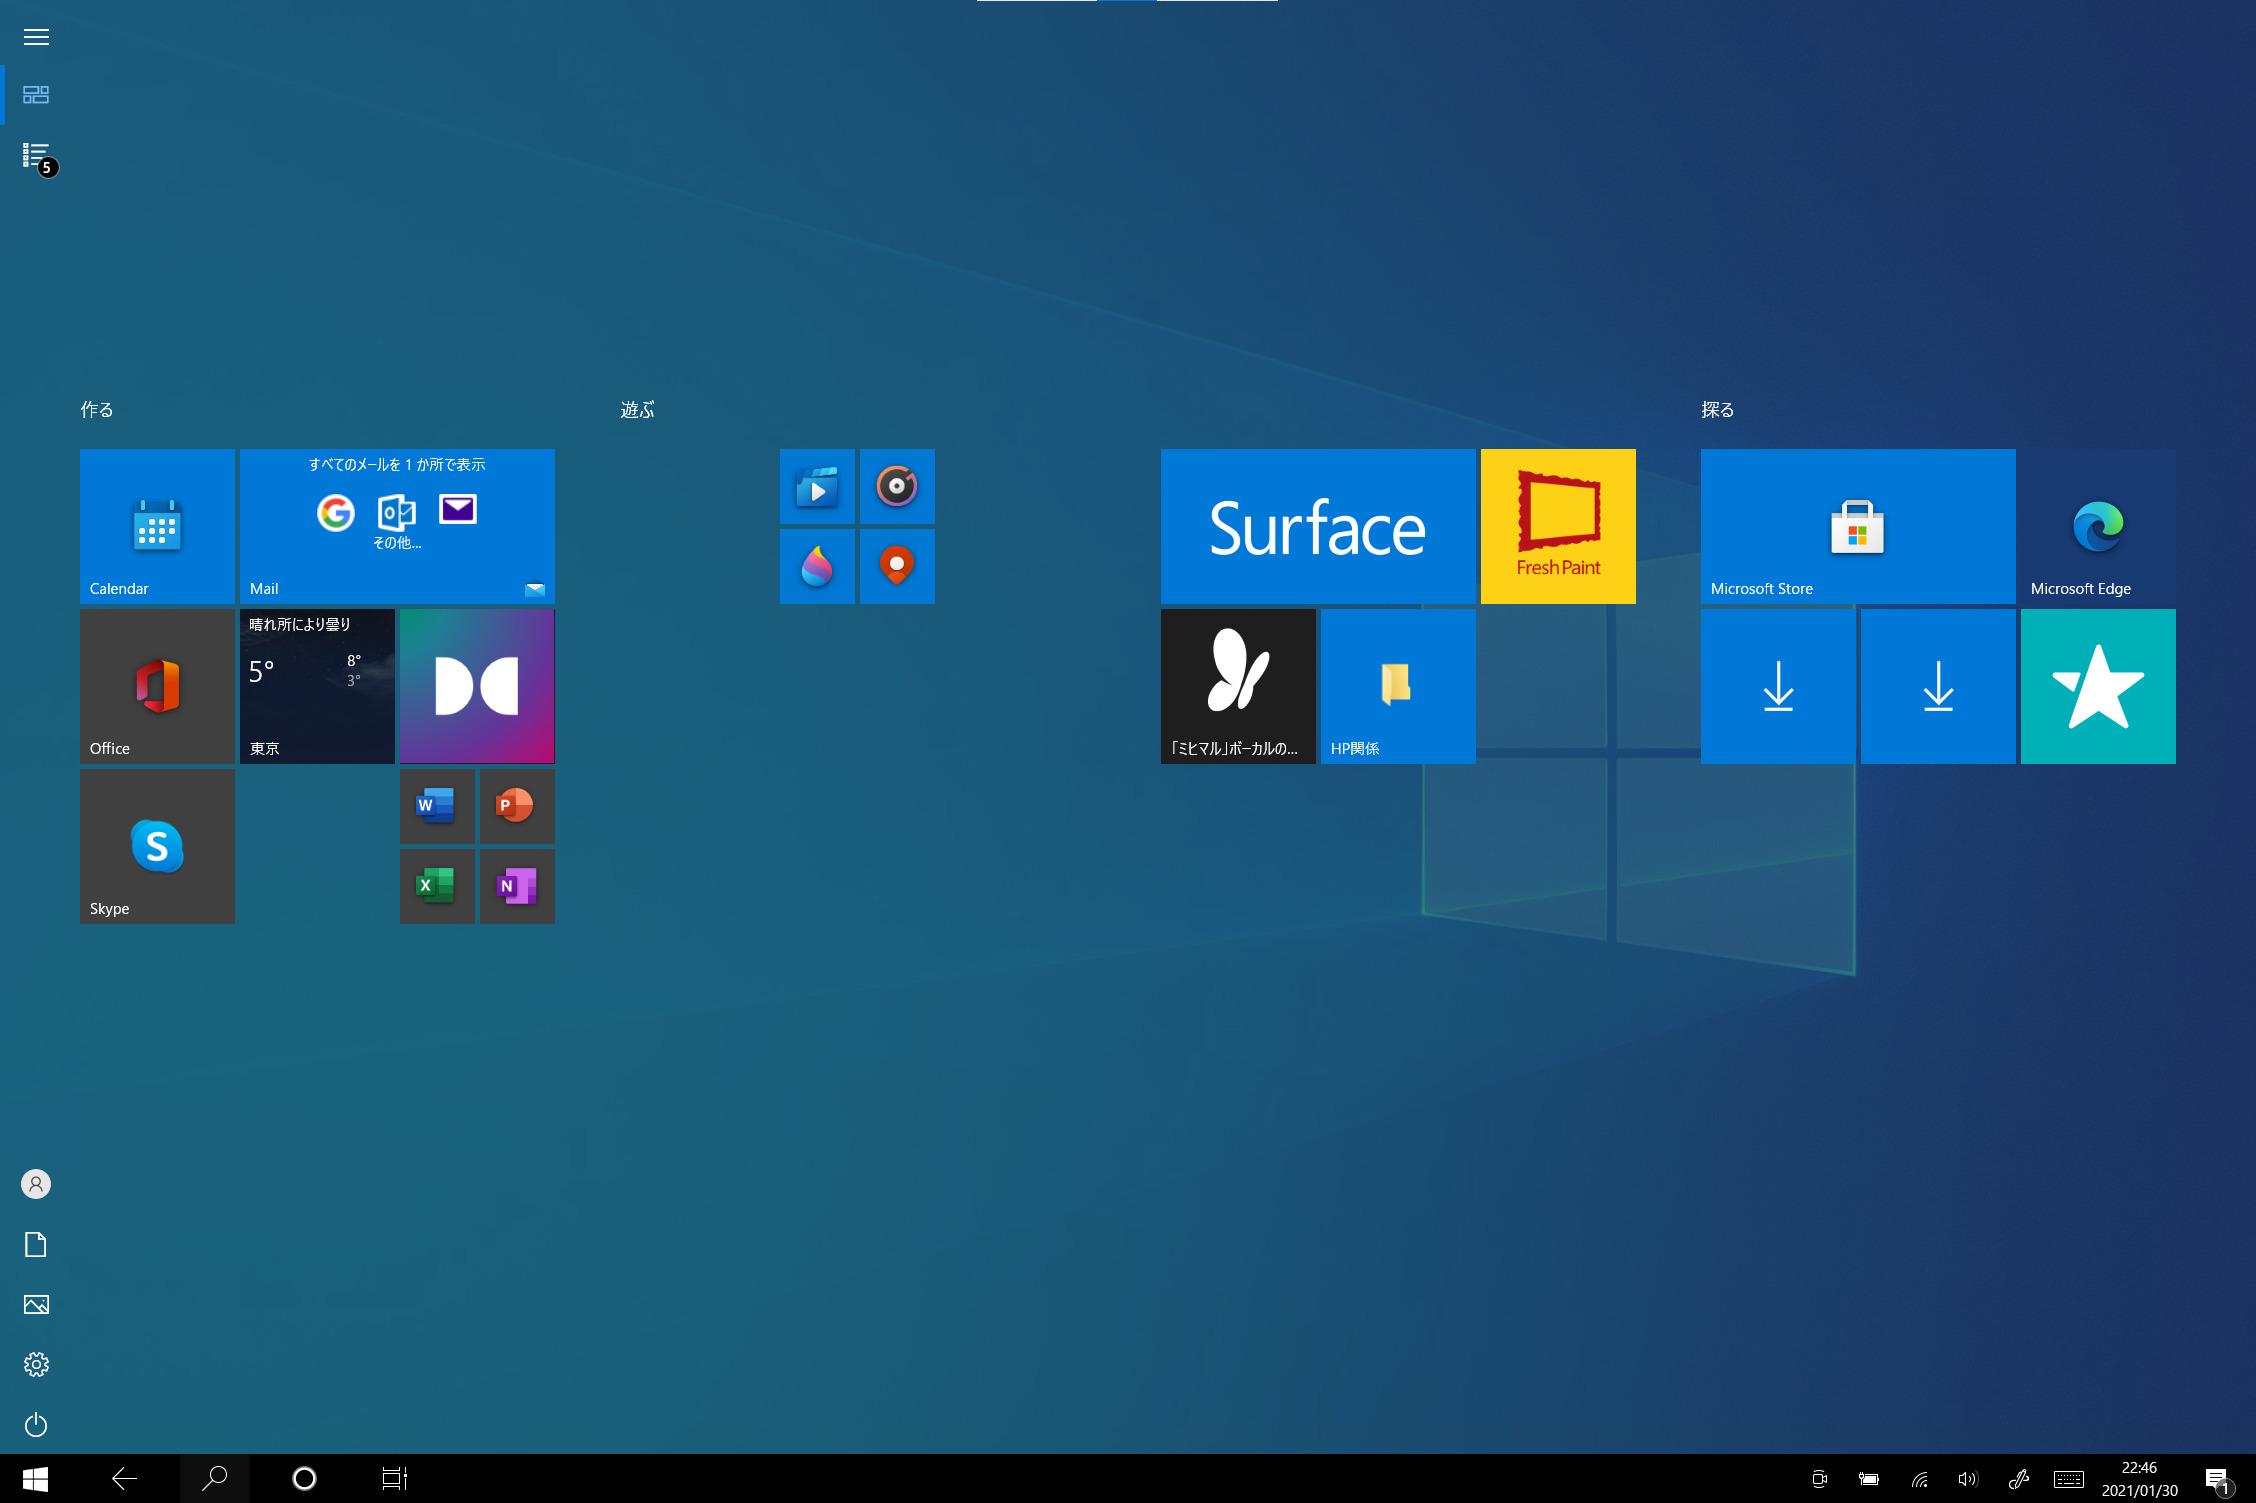 【Windows10】ノートパソコンで急にデスクトップのアイコンが表示されなくなり半透明になった際の解決方法【タブレットモード】